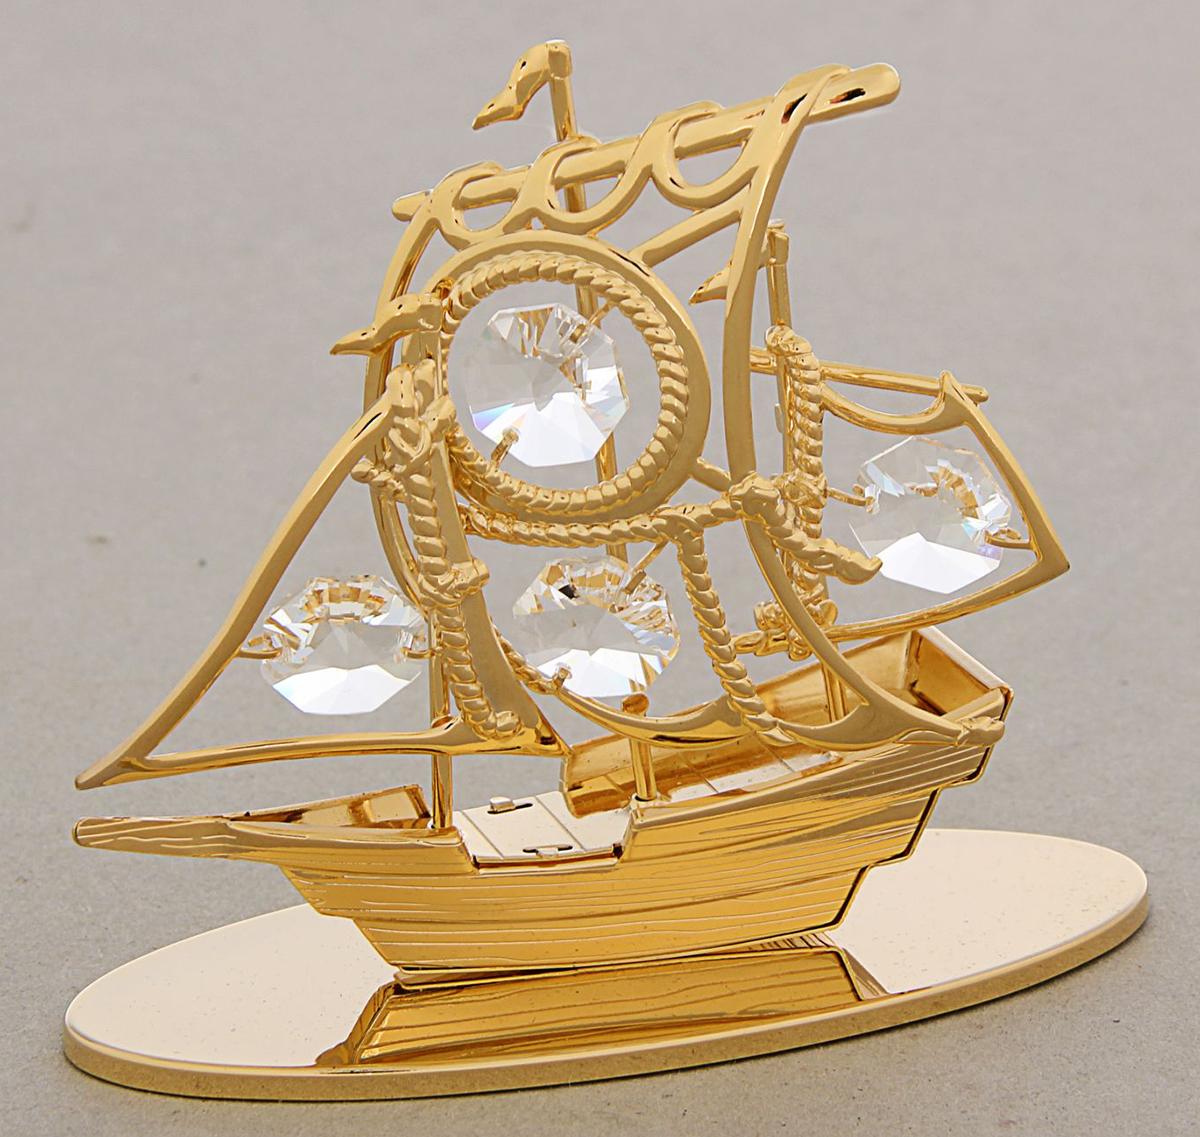 Добавьте окружающему пространству отблеск роскоши: украсьте его сувениром с мерцающими кристаллами Swarovski. Это идеальное украшение интерьера, а также хороший подарок для человека, который ценит оригинальные и эксклюзивные вещи.